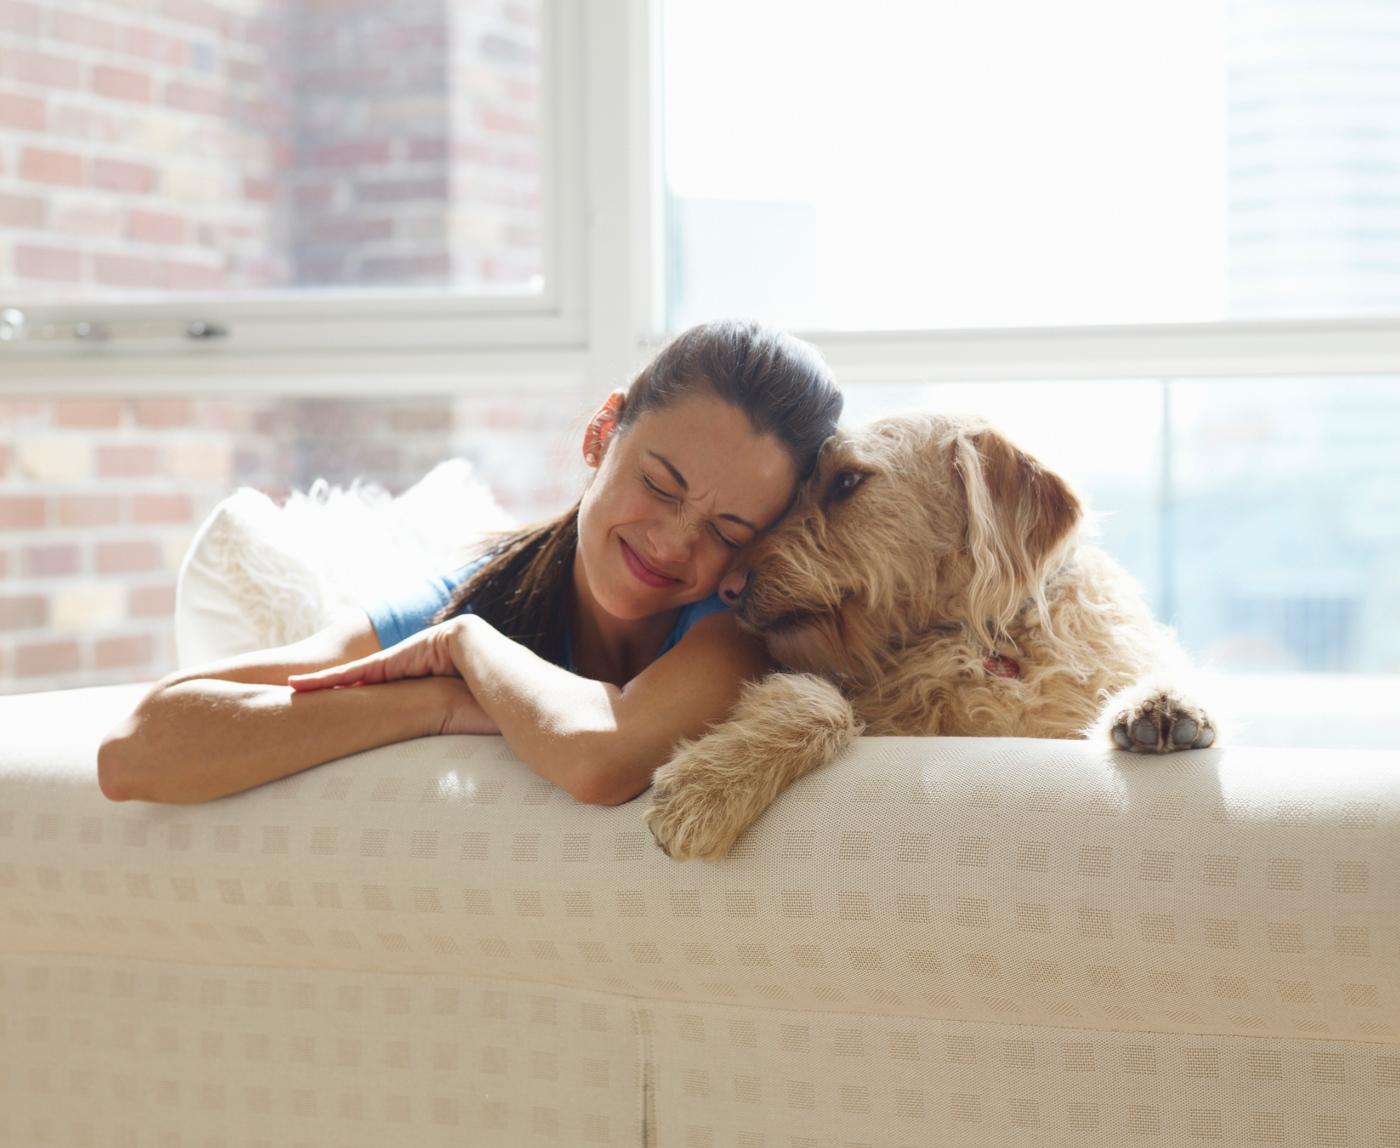 Novo coronavírus em animais: tutora e cão sentados no sofá a brincar